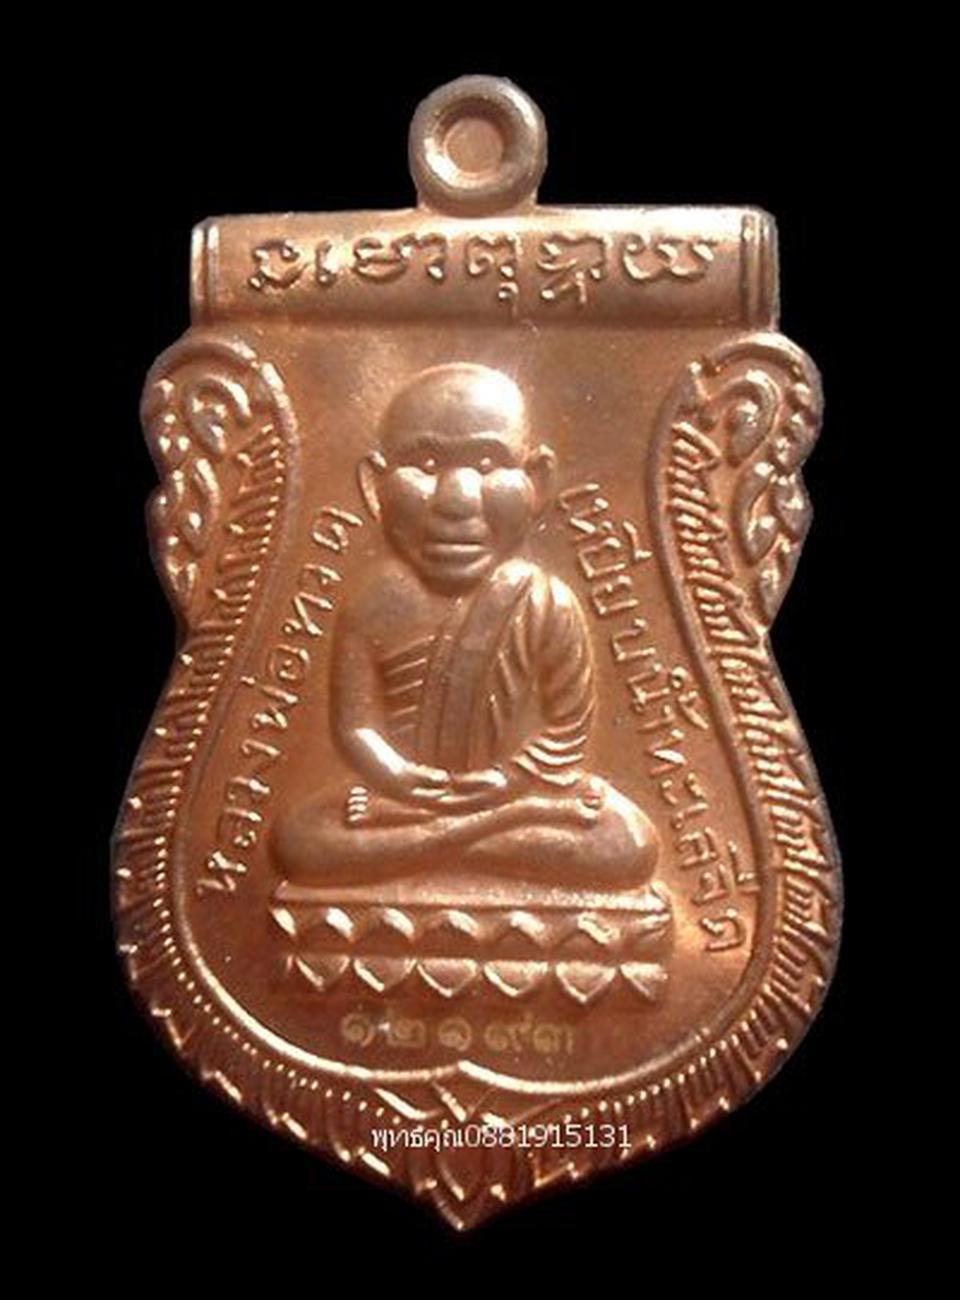 เหรียญหัวโต หลวงปู่ทวด รุ่นสร้างอนุสรณ์สถานตำรวจ ยะลา ปี2556 รูปที่ 1